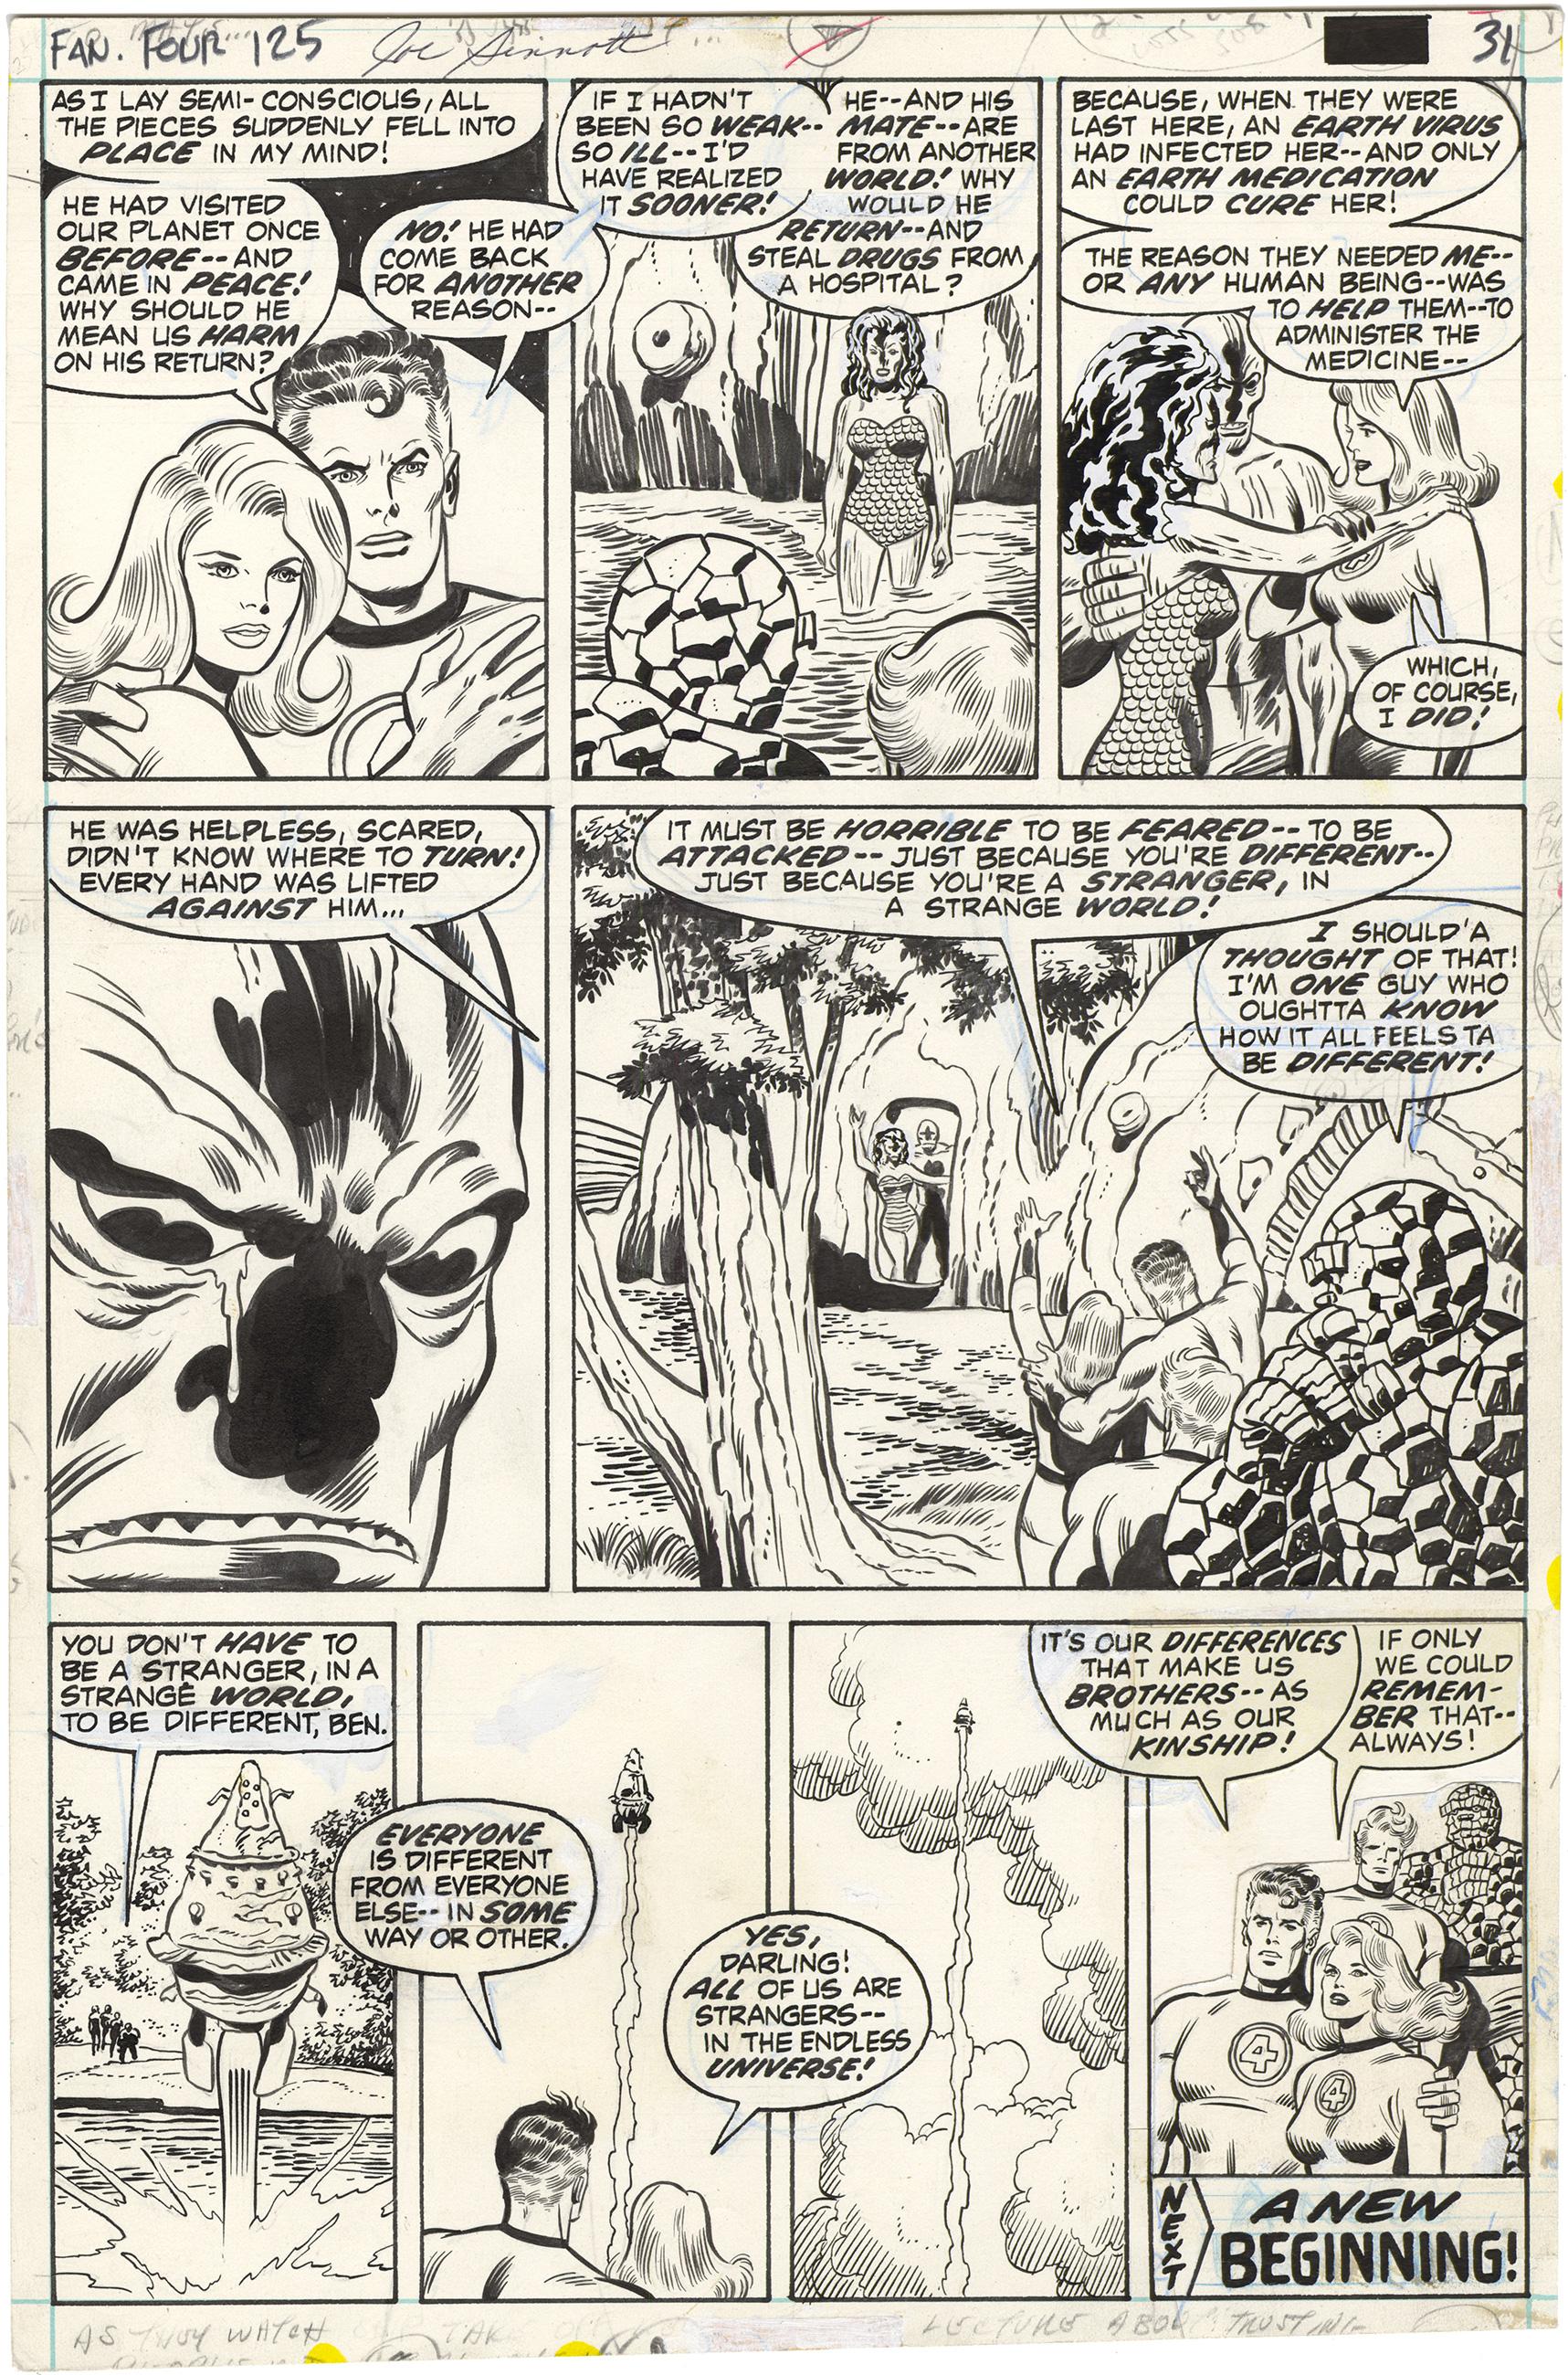 Fantastic Four #125 p31